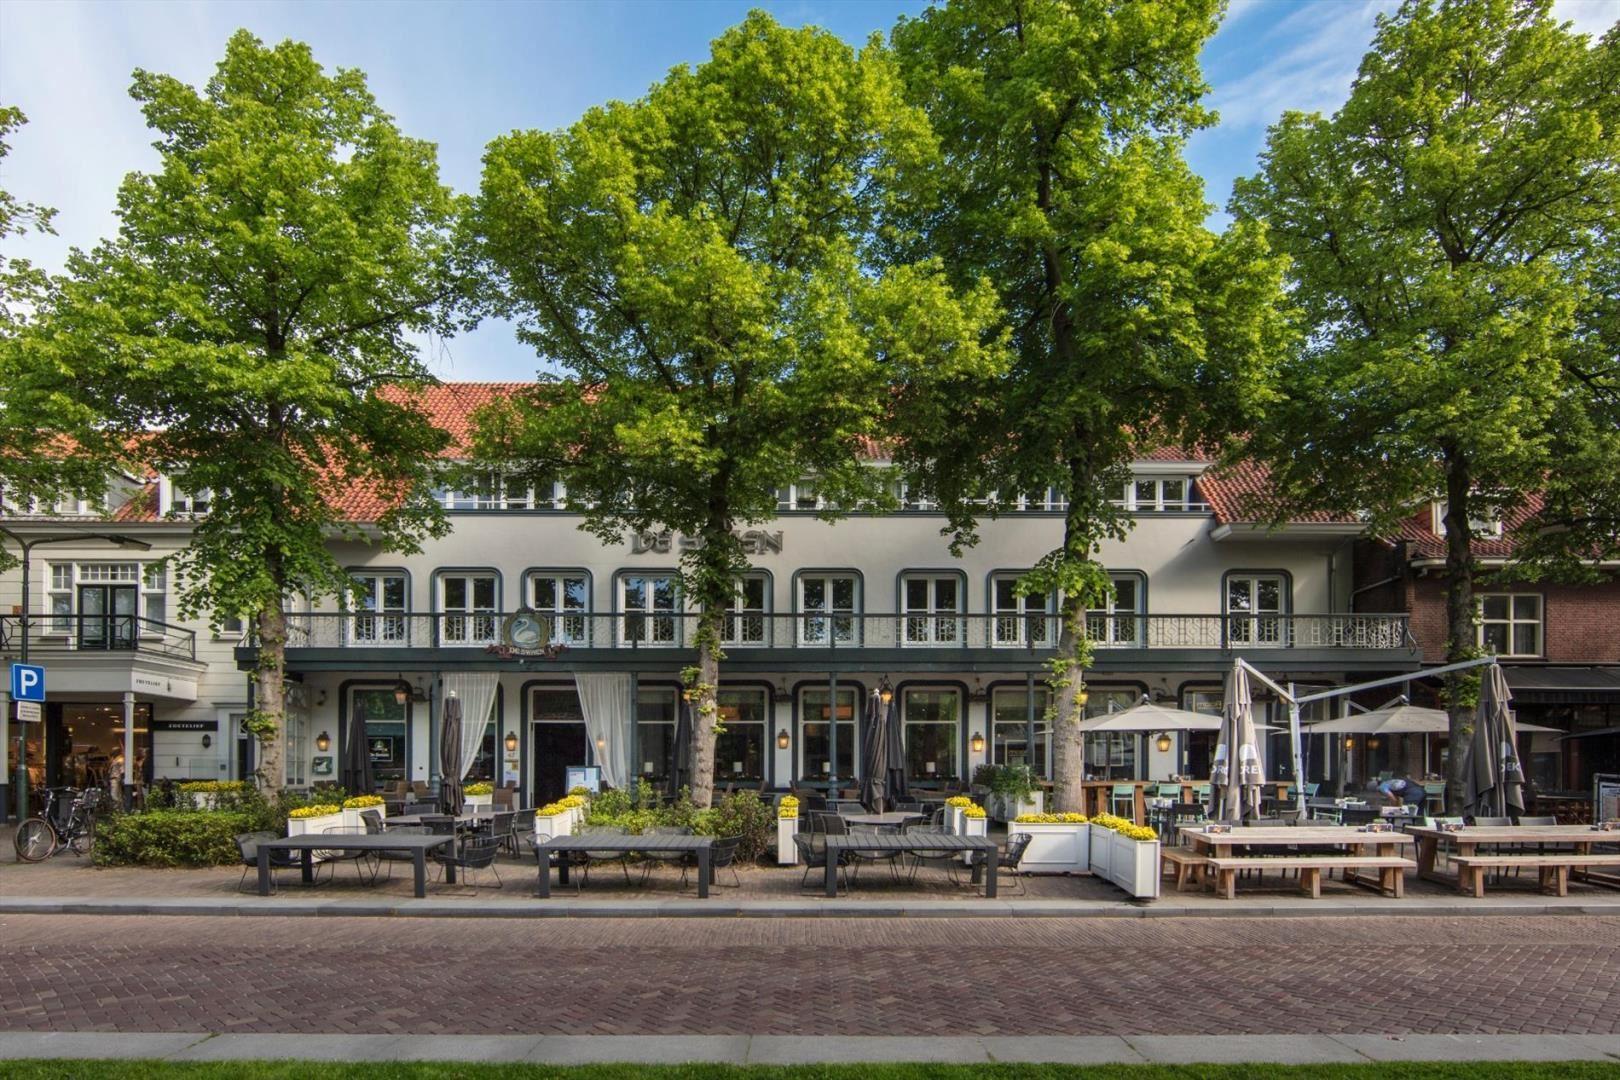 Appartement te koop: De Lind 47 5061 HT Oisterwijk [funda]